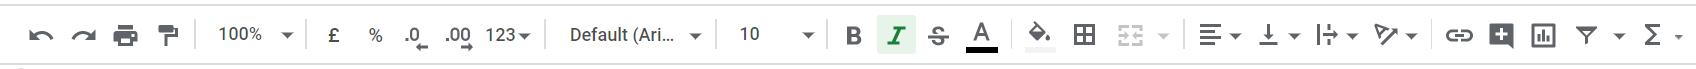 toolbar Google Sheets